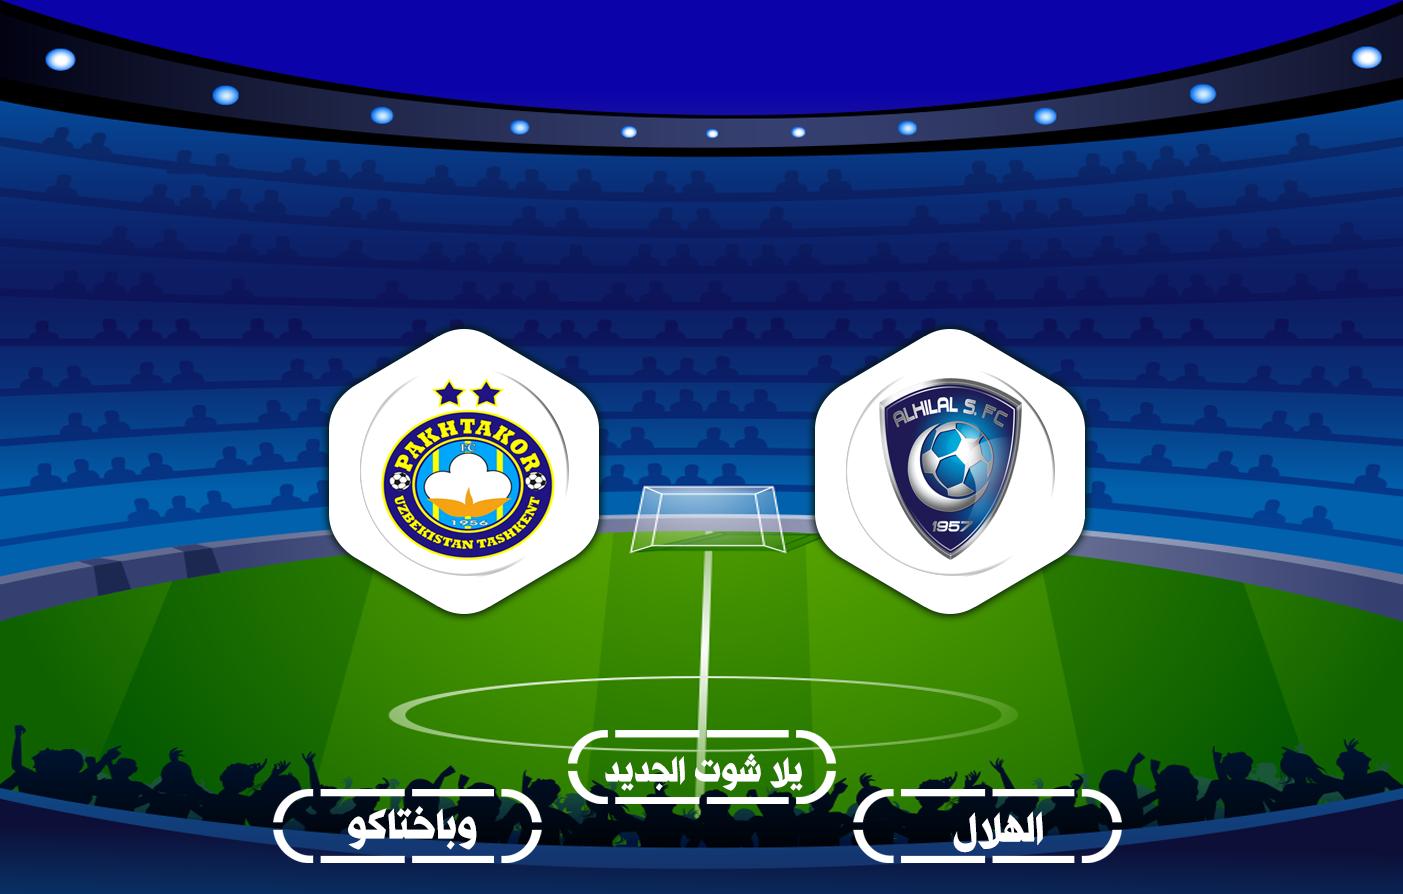 مشاهدة مباراة الهلال وباختاكور بث مباشر اليوم بتاريخ 14 / 09 / 2020 في دوري أبطال آسيا